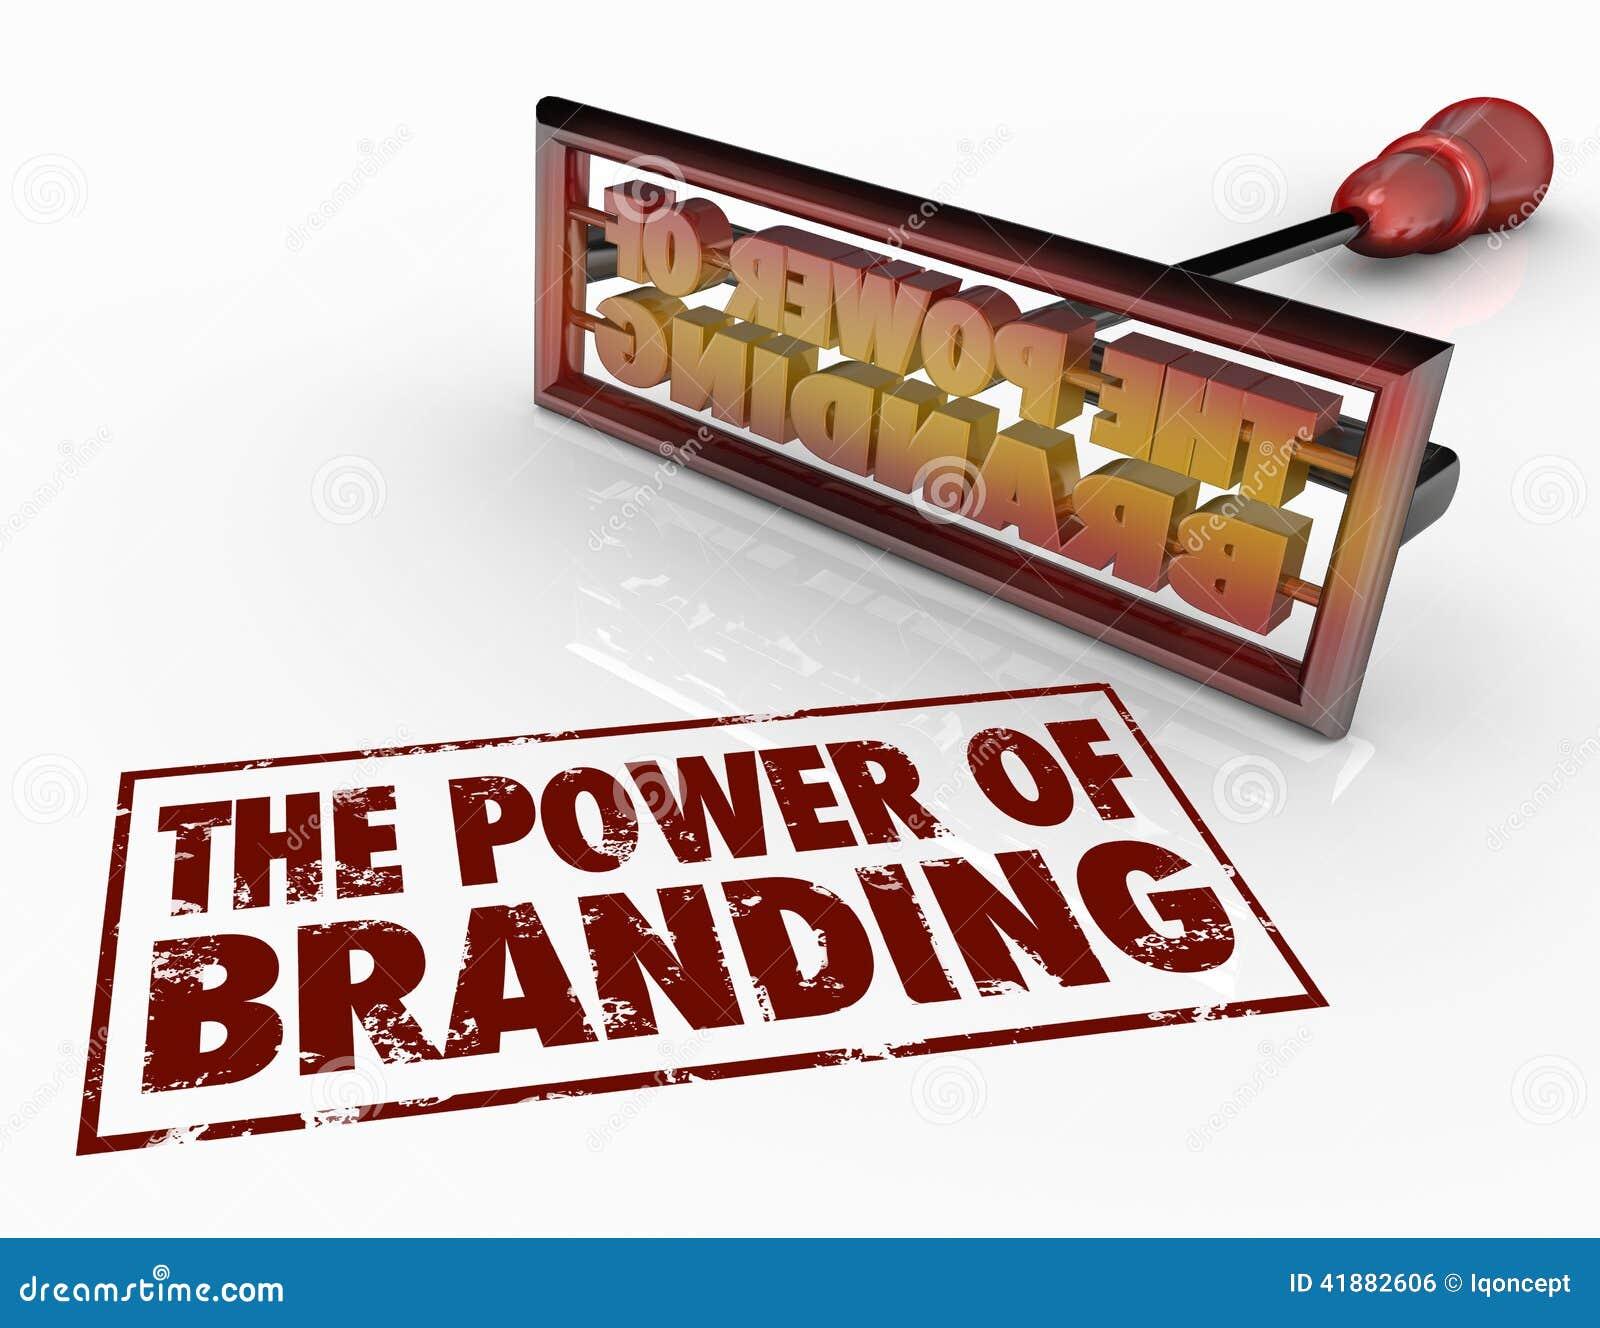 Design Your Own Iron On Logo